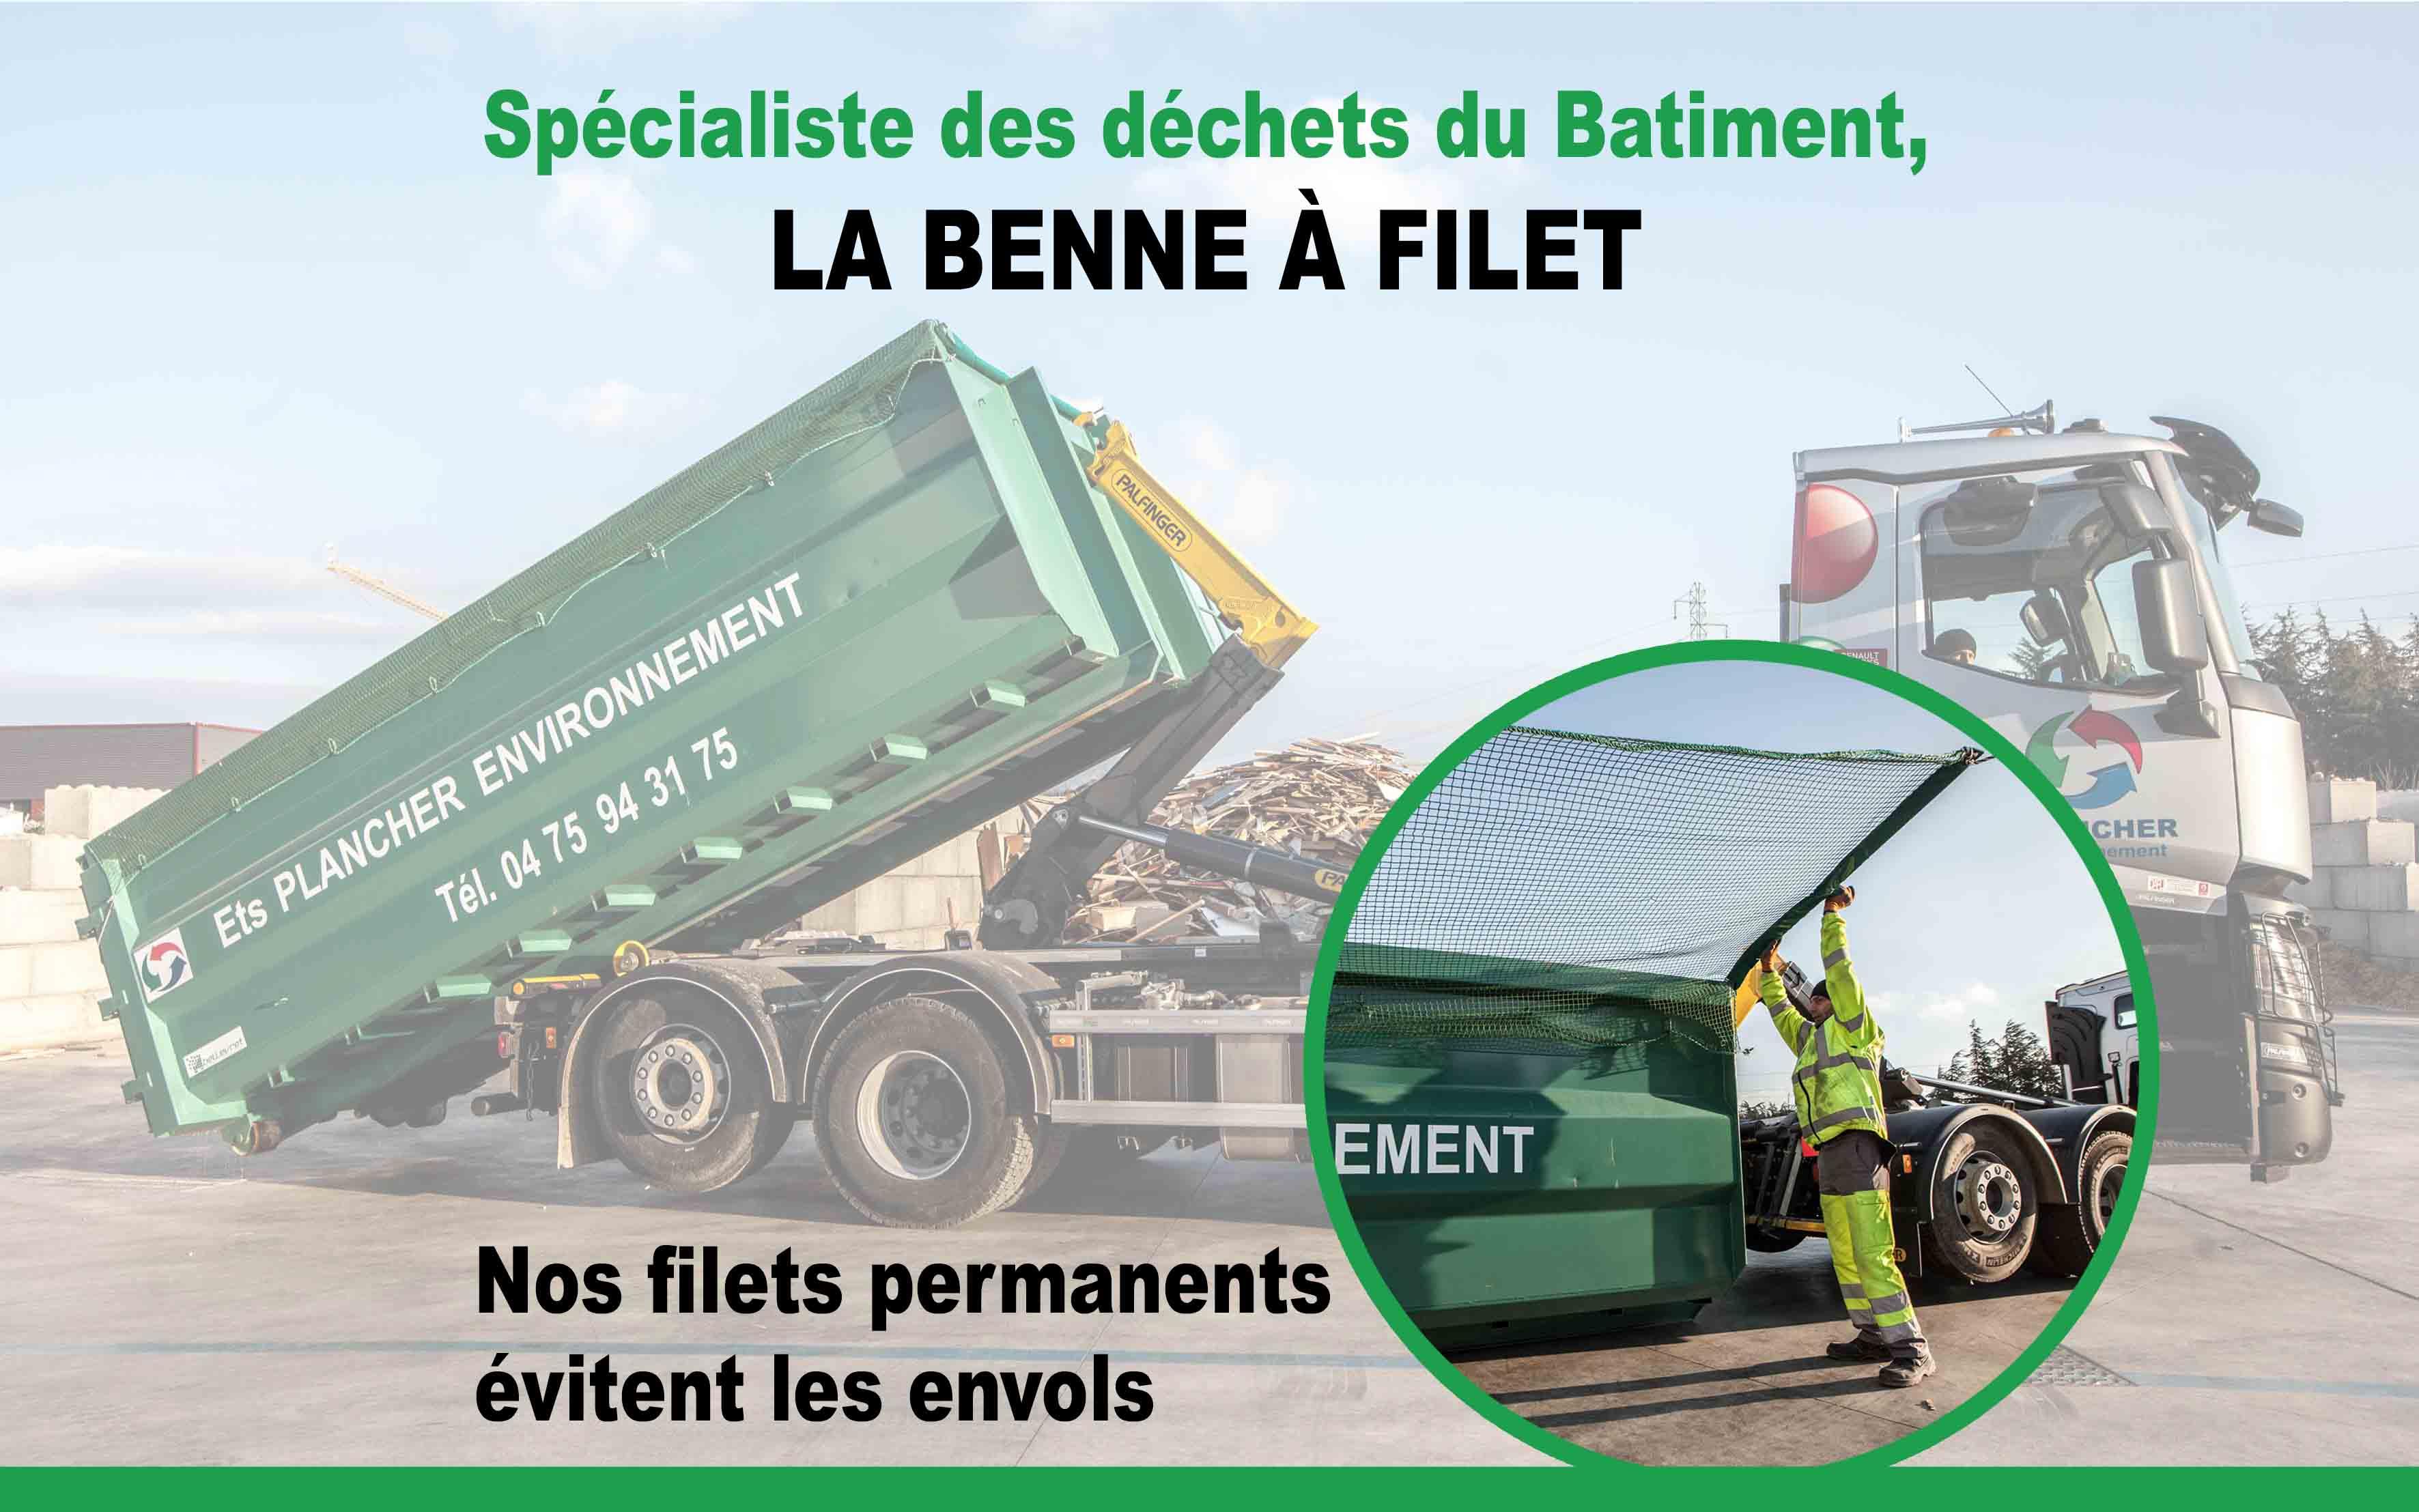 Plancher Environnement, spécialiste des bennes en location Drôme et Ardèche